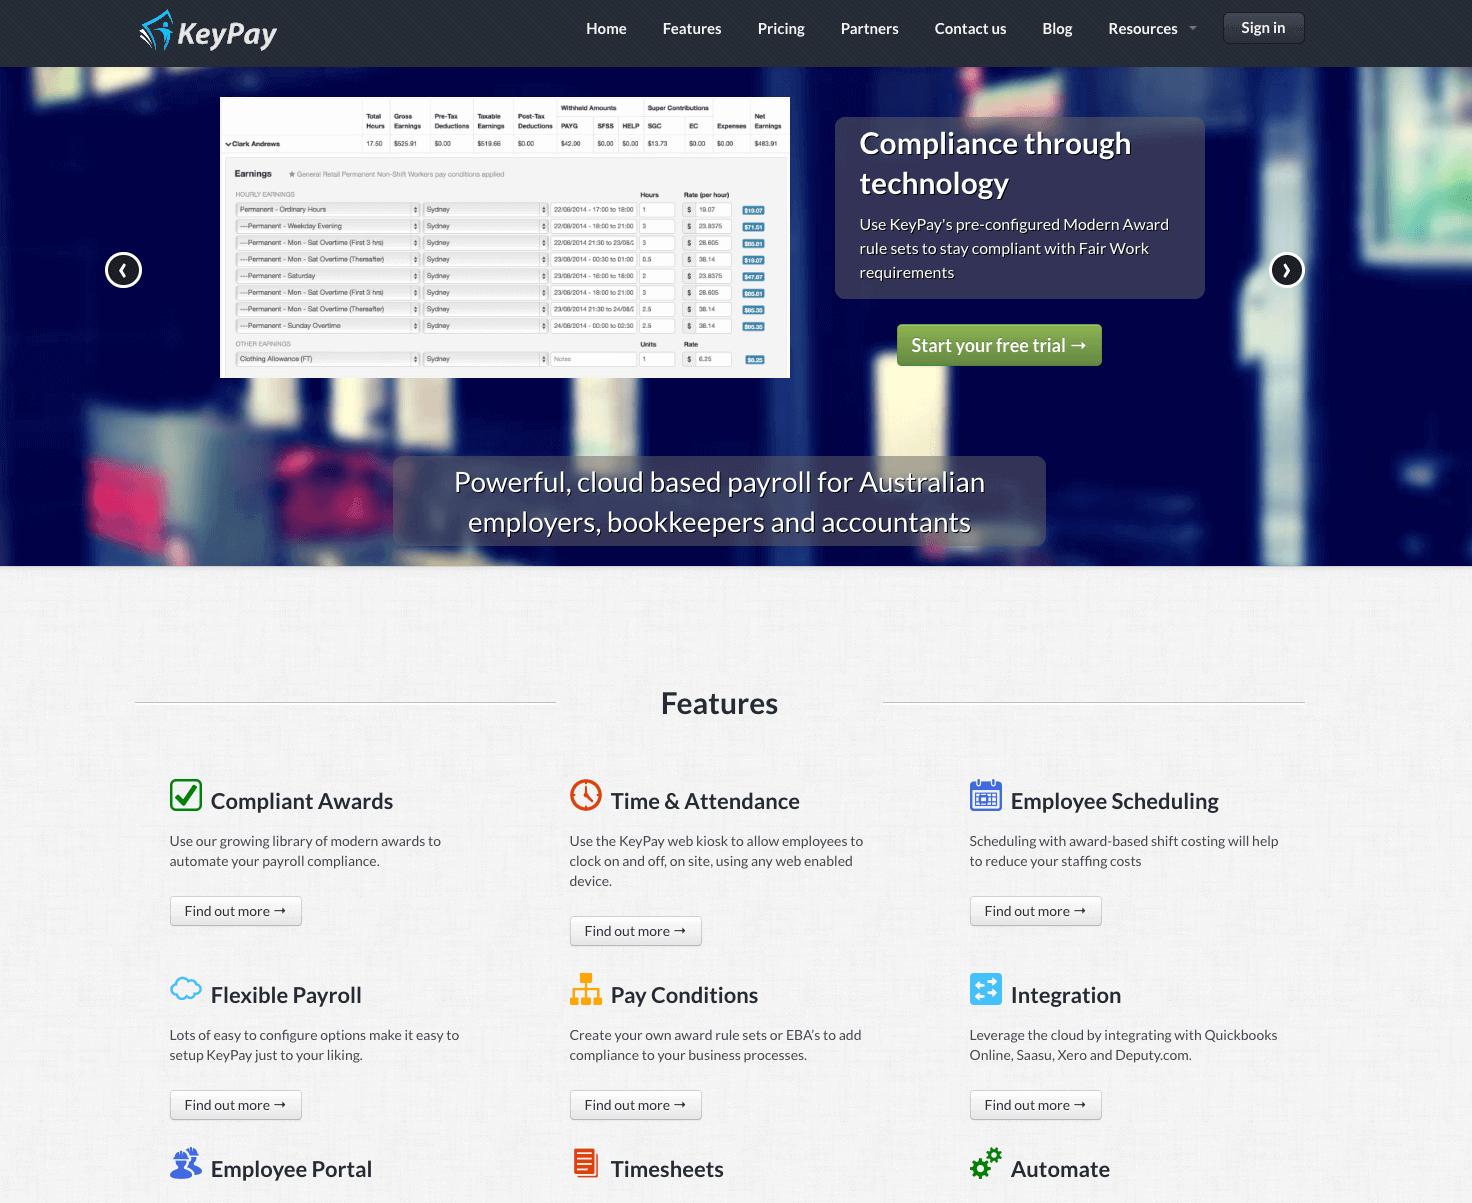 KeyPay old website